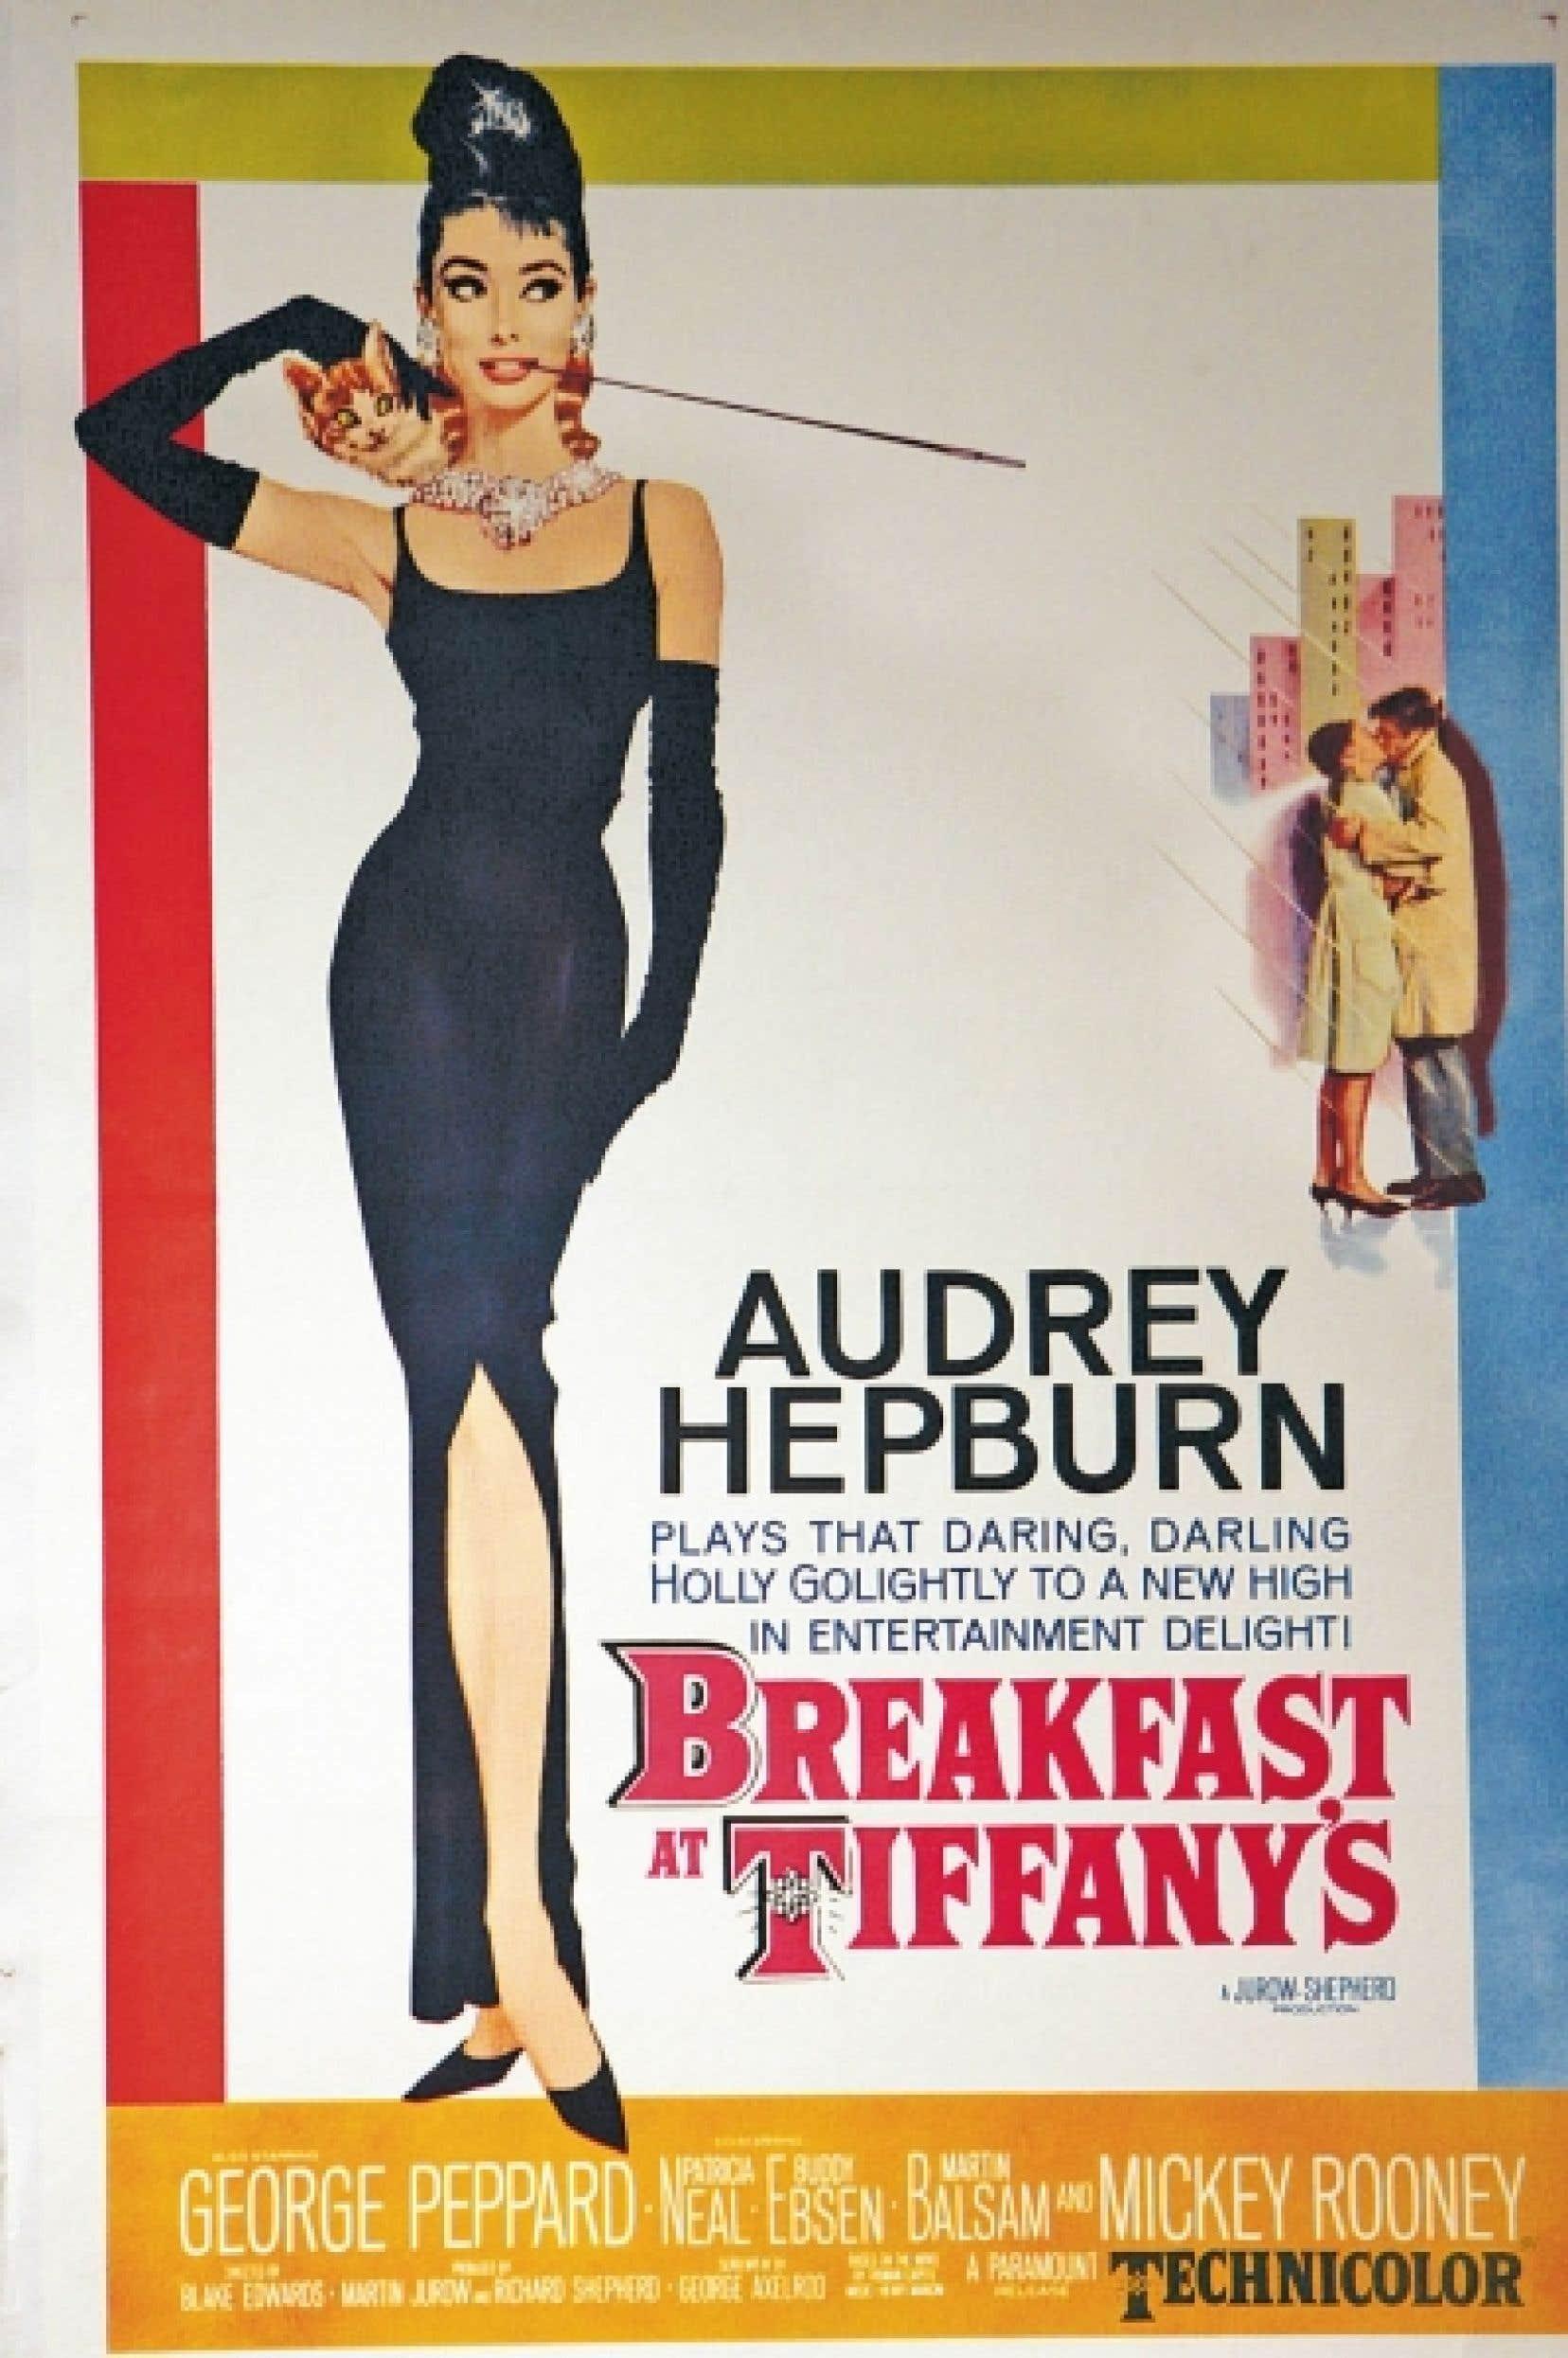 La robe noire semble toujours rallier les inconditionnelles du raffinement de toutes les générations. Cette pièce mythique peut autant jouer le style misérabiliste à la Édith Piaf que la carte pleine de charme et d'éclat immortalisée en 1961 par Audrey Hepburn, dans le film Breakfast at Tiffany's, dont on voit ici l'affiche.<br />